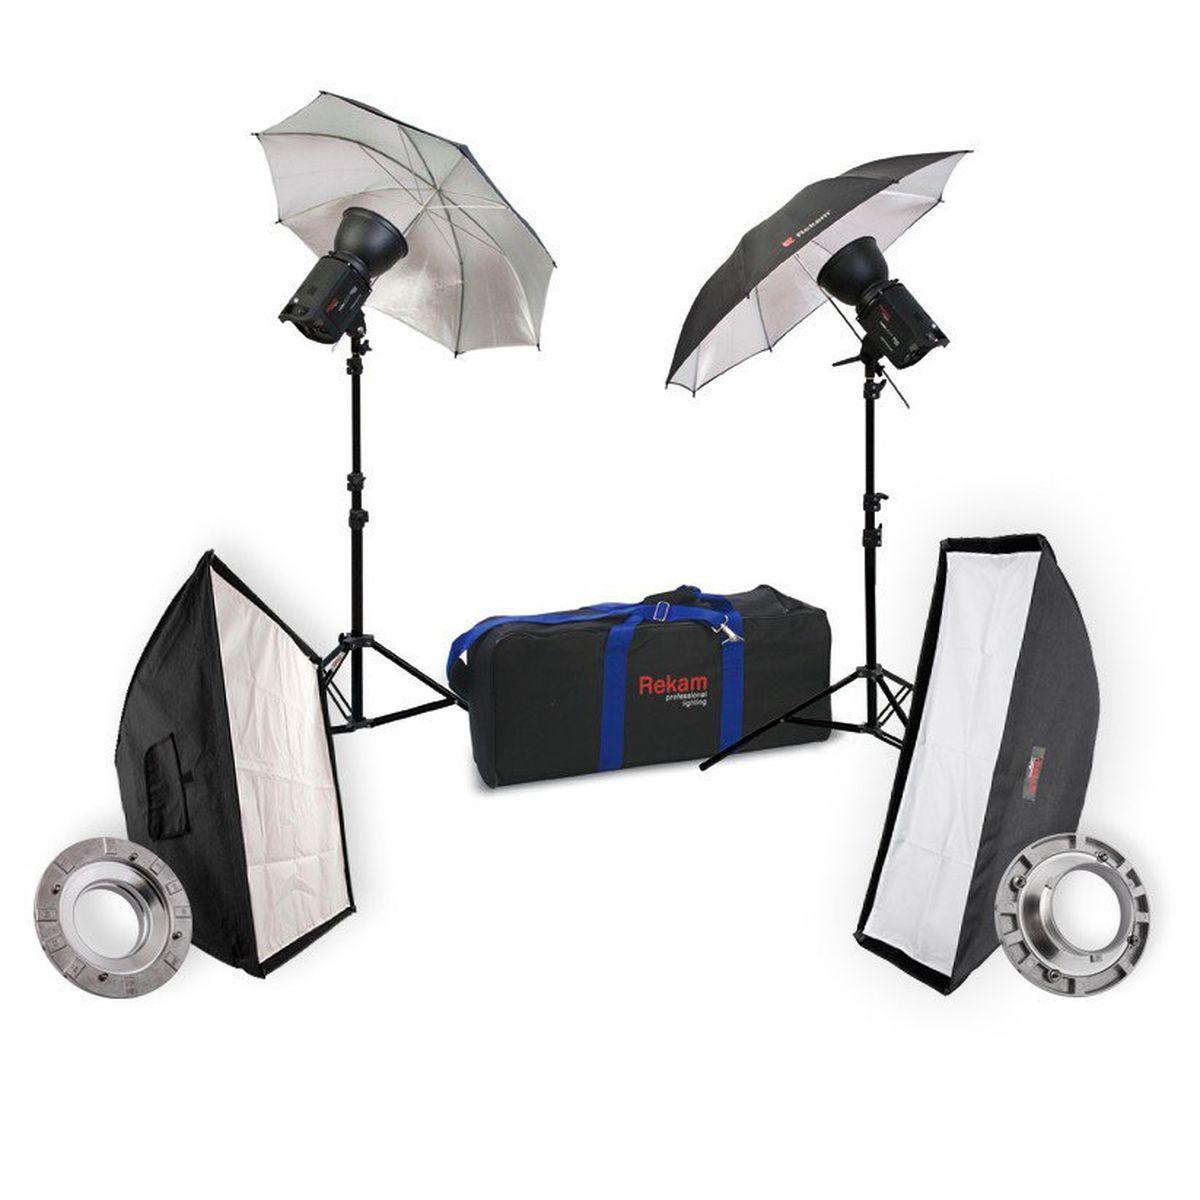 Rekam HaloSuper-1K UB & SB Kit 5 комплект галогенных осветителейHaloSuper-1K UB & SB Kit 5Rekam HaloSuper-1K UB & SB Kit 5 - это небольшая и достаточно функциональная фото-видео студия. Она удобно упакована в эргономичную сумку. Этот комплект подходит как для любительской фото-видео сьемки, так и для профессиональной. Для фотографов, которые в большей части используют постоянный свет, такой набор станет оптимальным.